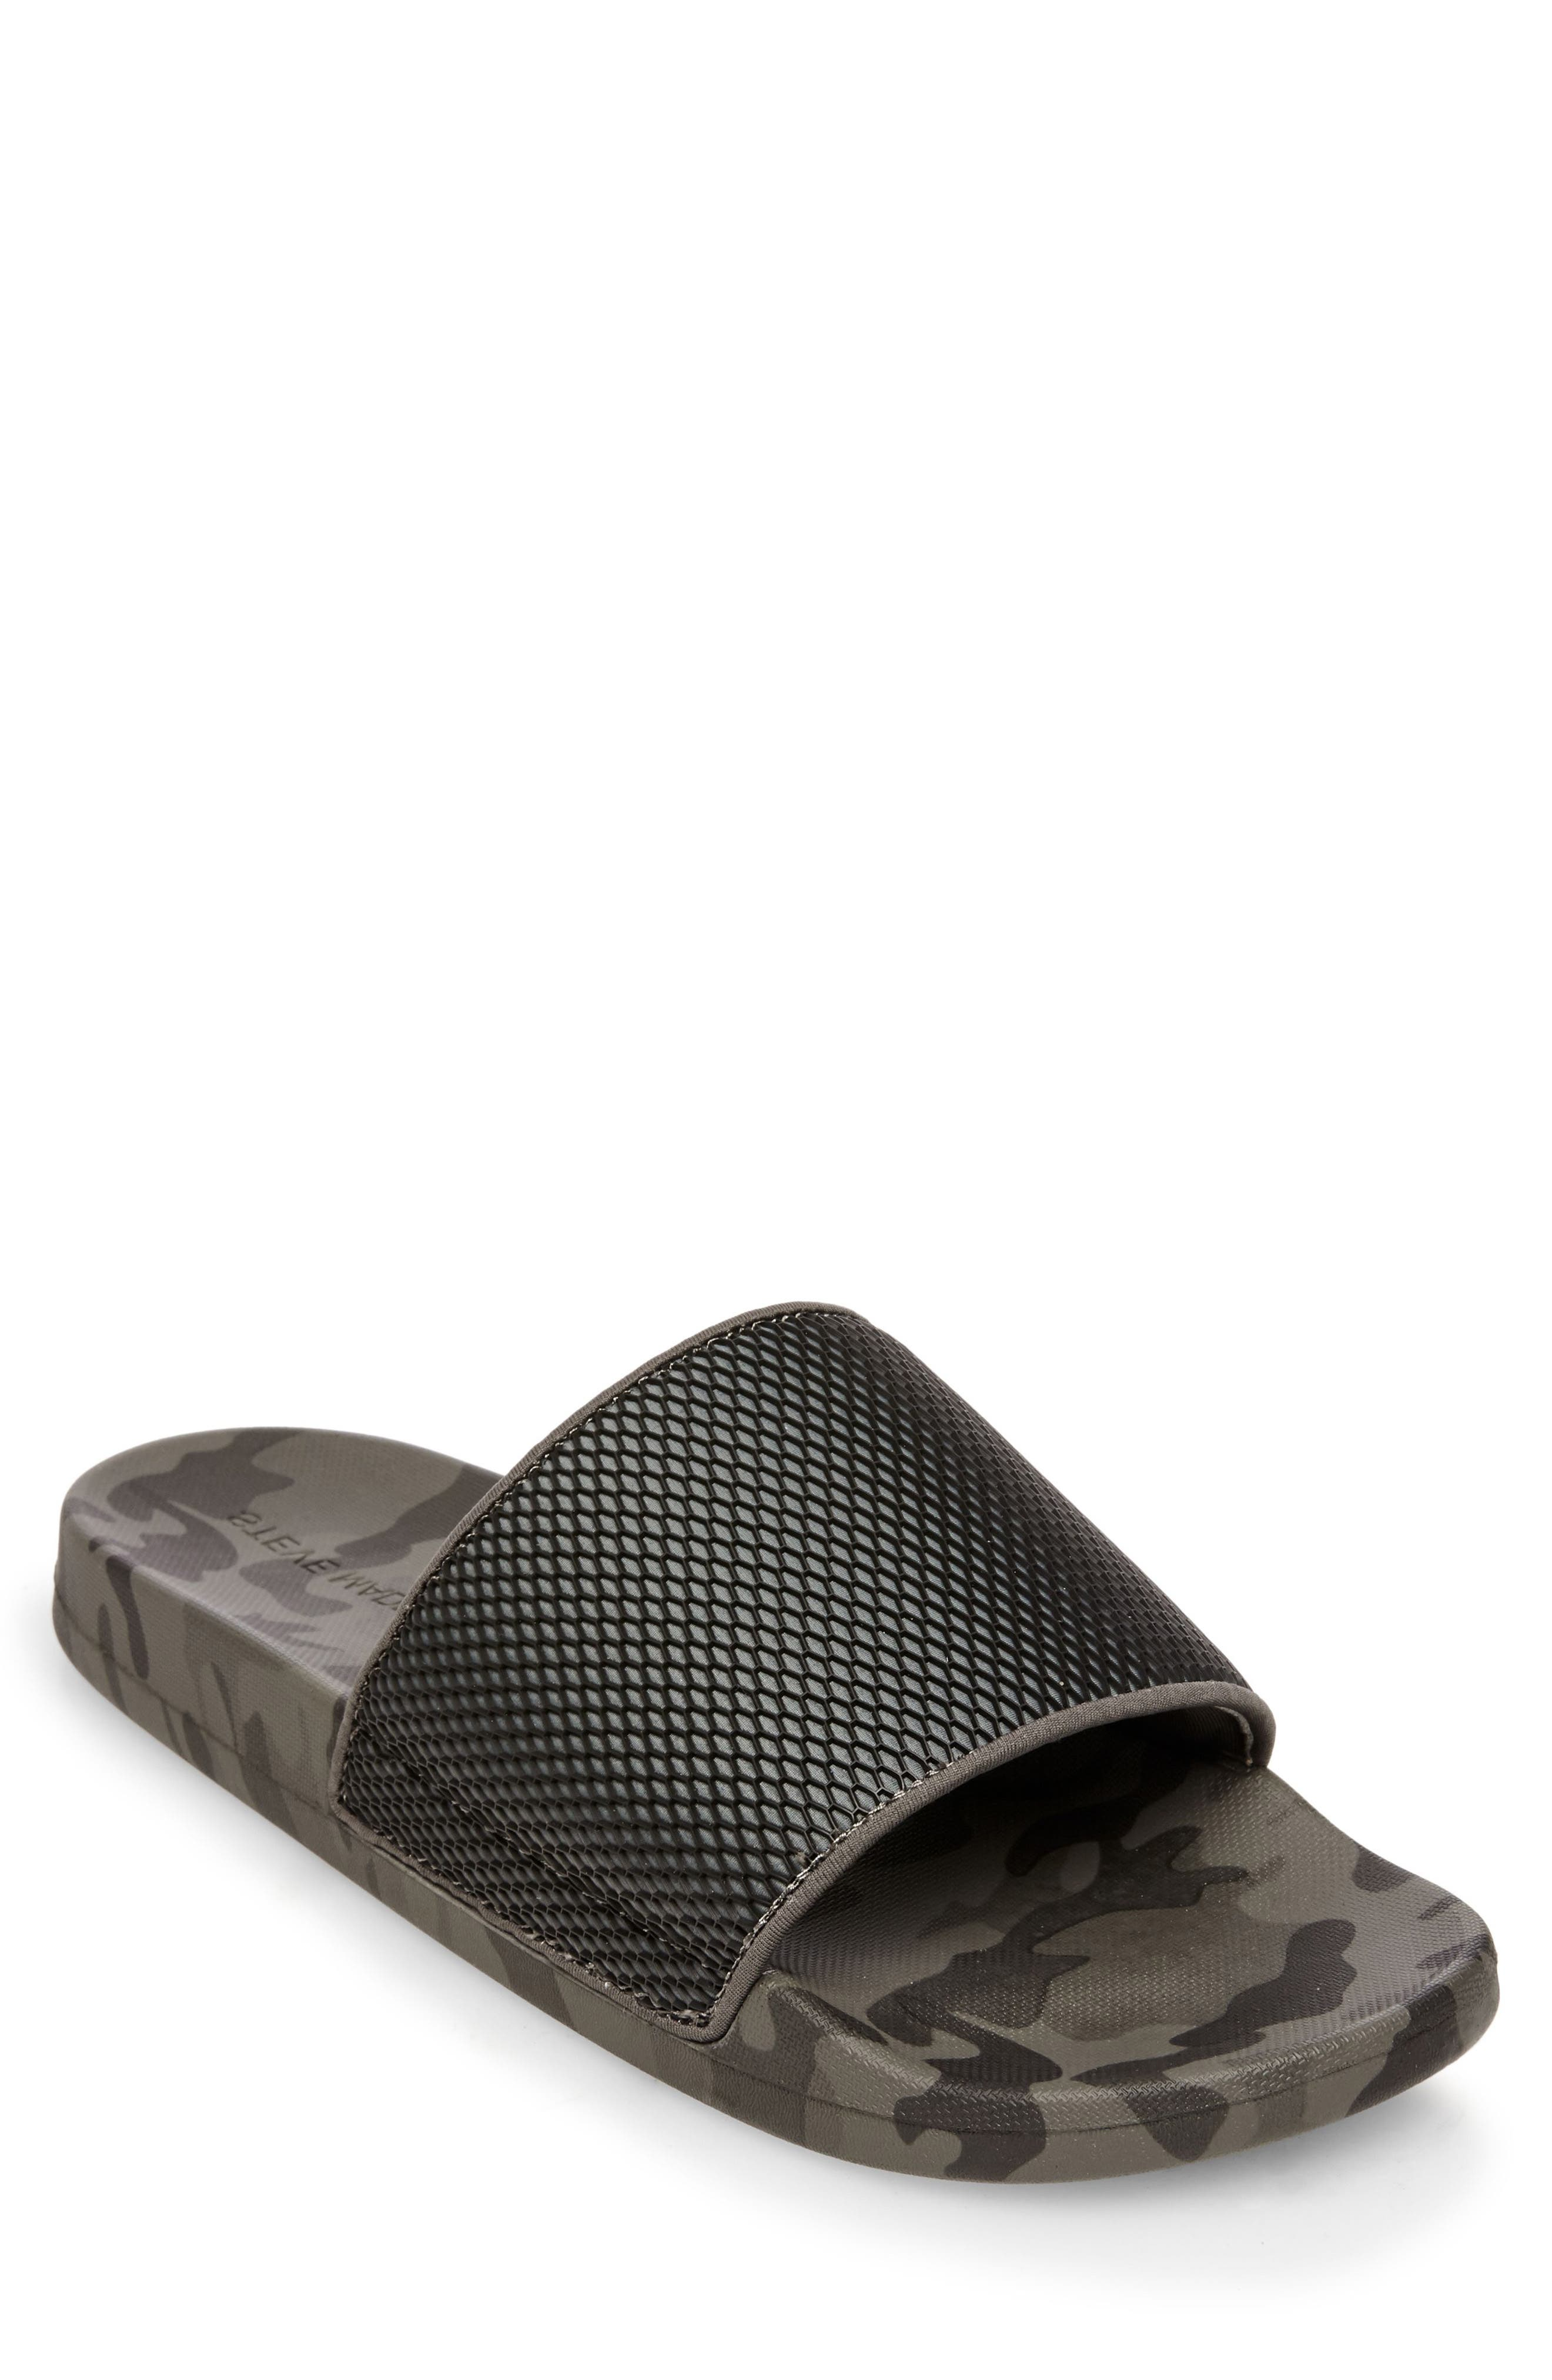 Steve Madden Seabees Textured Slide Sandal (Men)